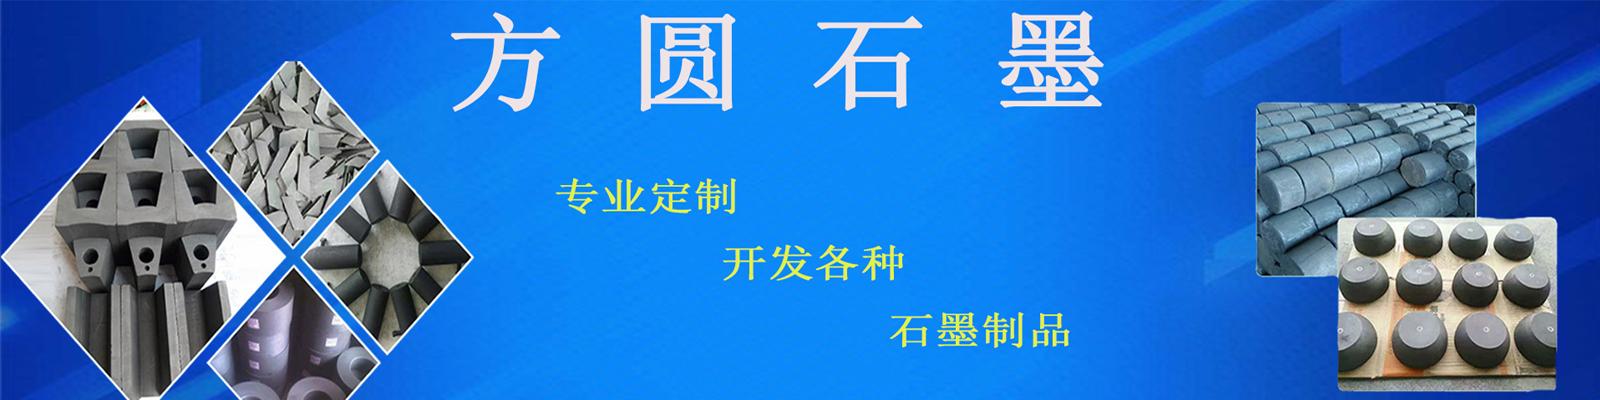 辉县市方圆石墨制品厂